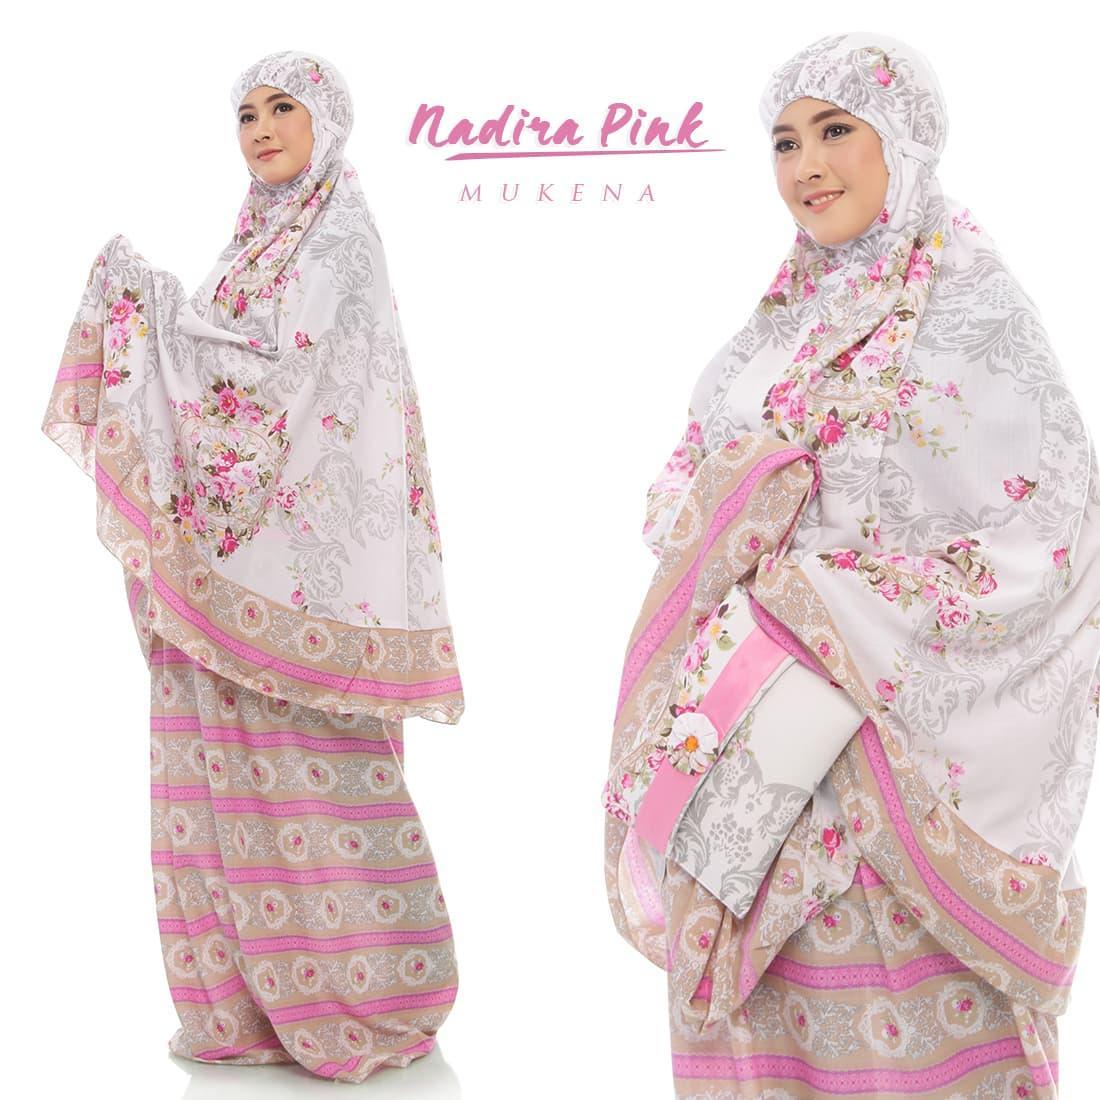 Mukena Nadira Dewasa Fashion Mukenah Muslimah Katun Rayoon Jumbo  Perlengkapan Shalat Para Muslimah - Rukoh Muslim Dewasa Murah Perlengkapan Beribadah Agama Islam -